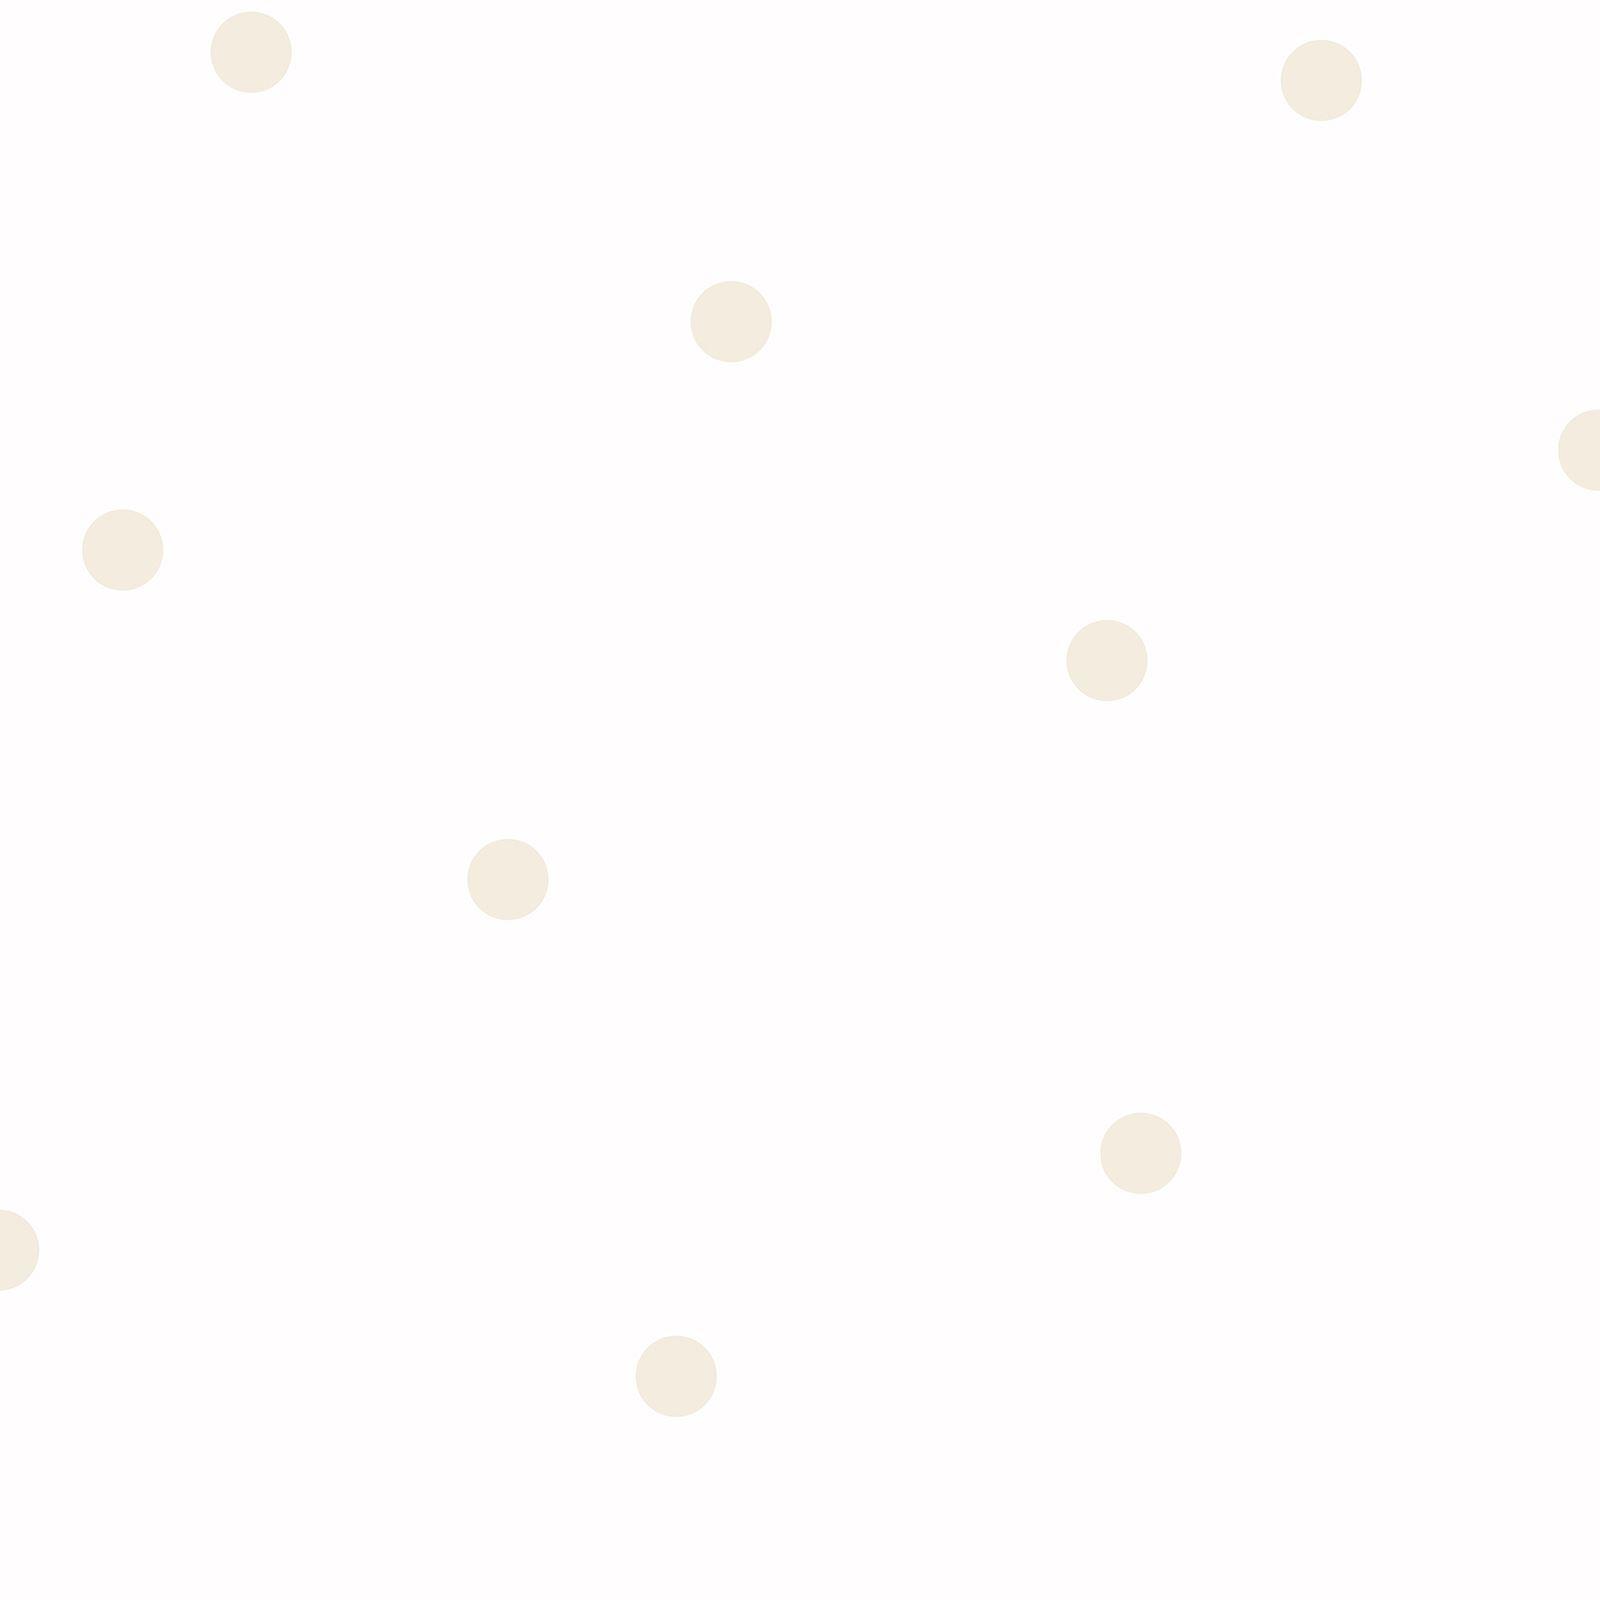 Maedchen-Tapete-Thema-Schlafzimmer-Einhorn-Sterne-Herz-Glitzer-Schick-Wandtapete